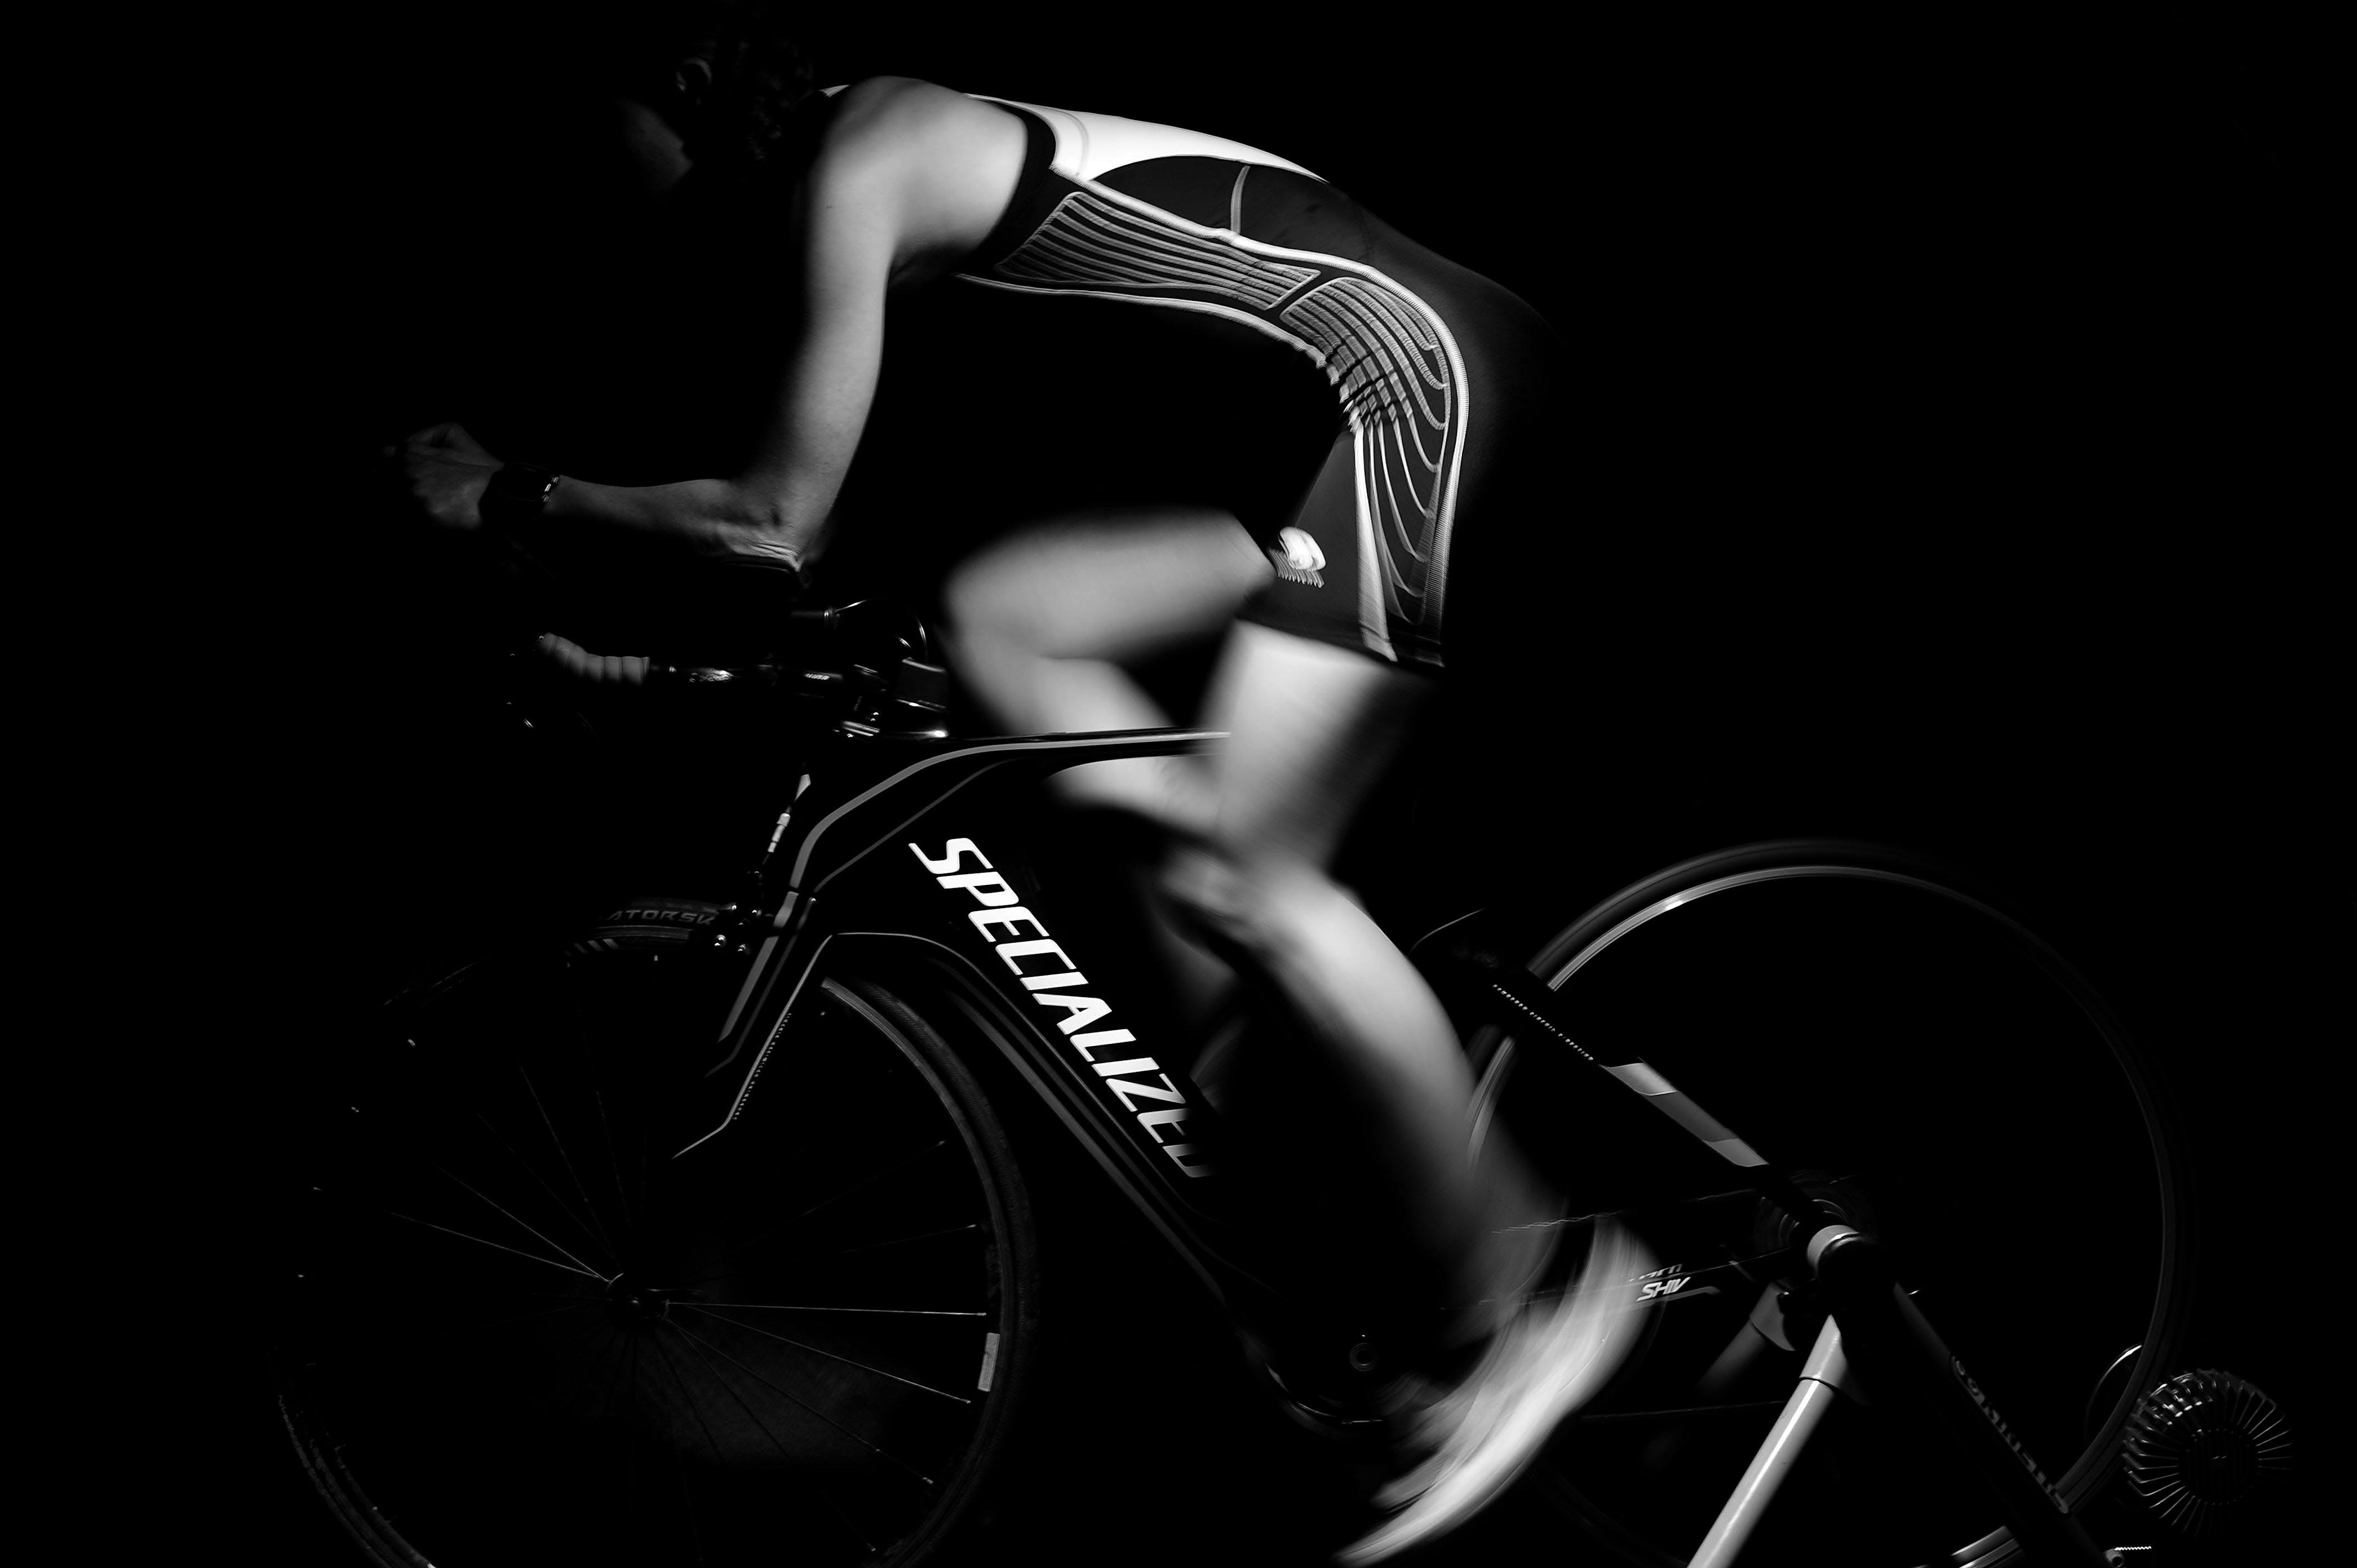 Immagine gratuita di adatto, atleta, bianco e nero, ciclista